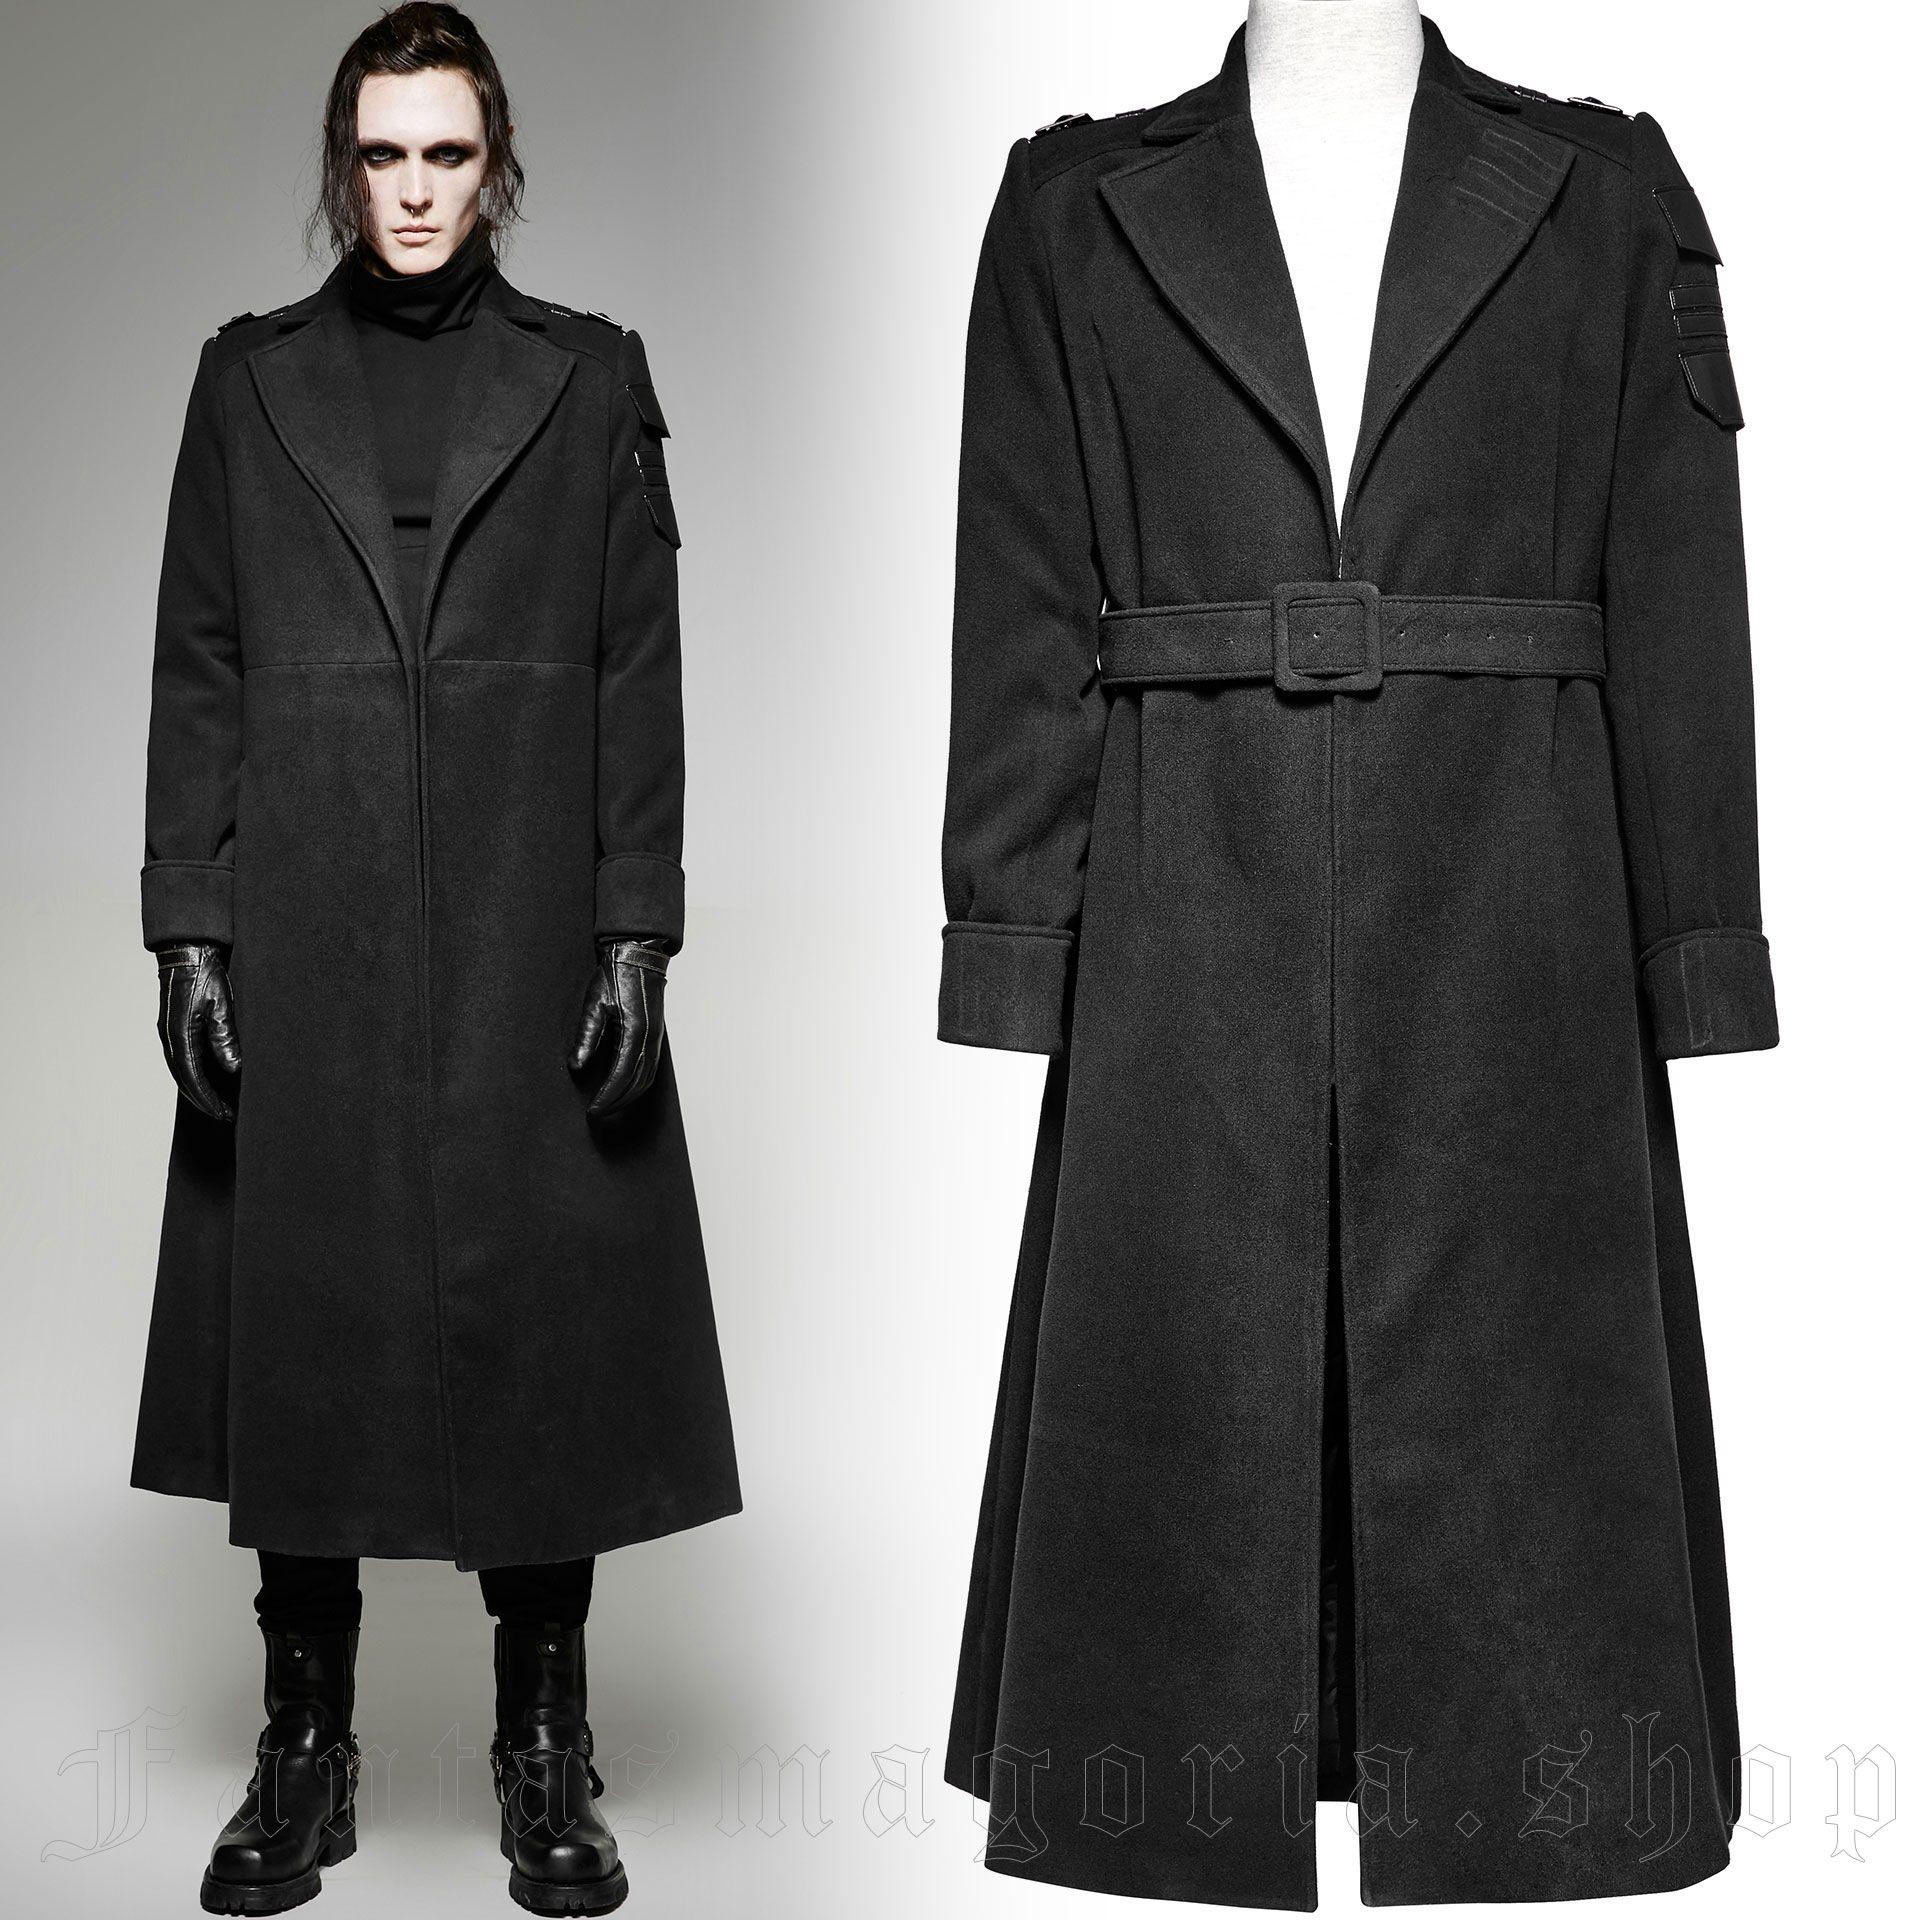 men's Commandant Coat by PUNK RAVE brand, code: Y-697